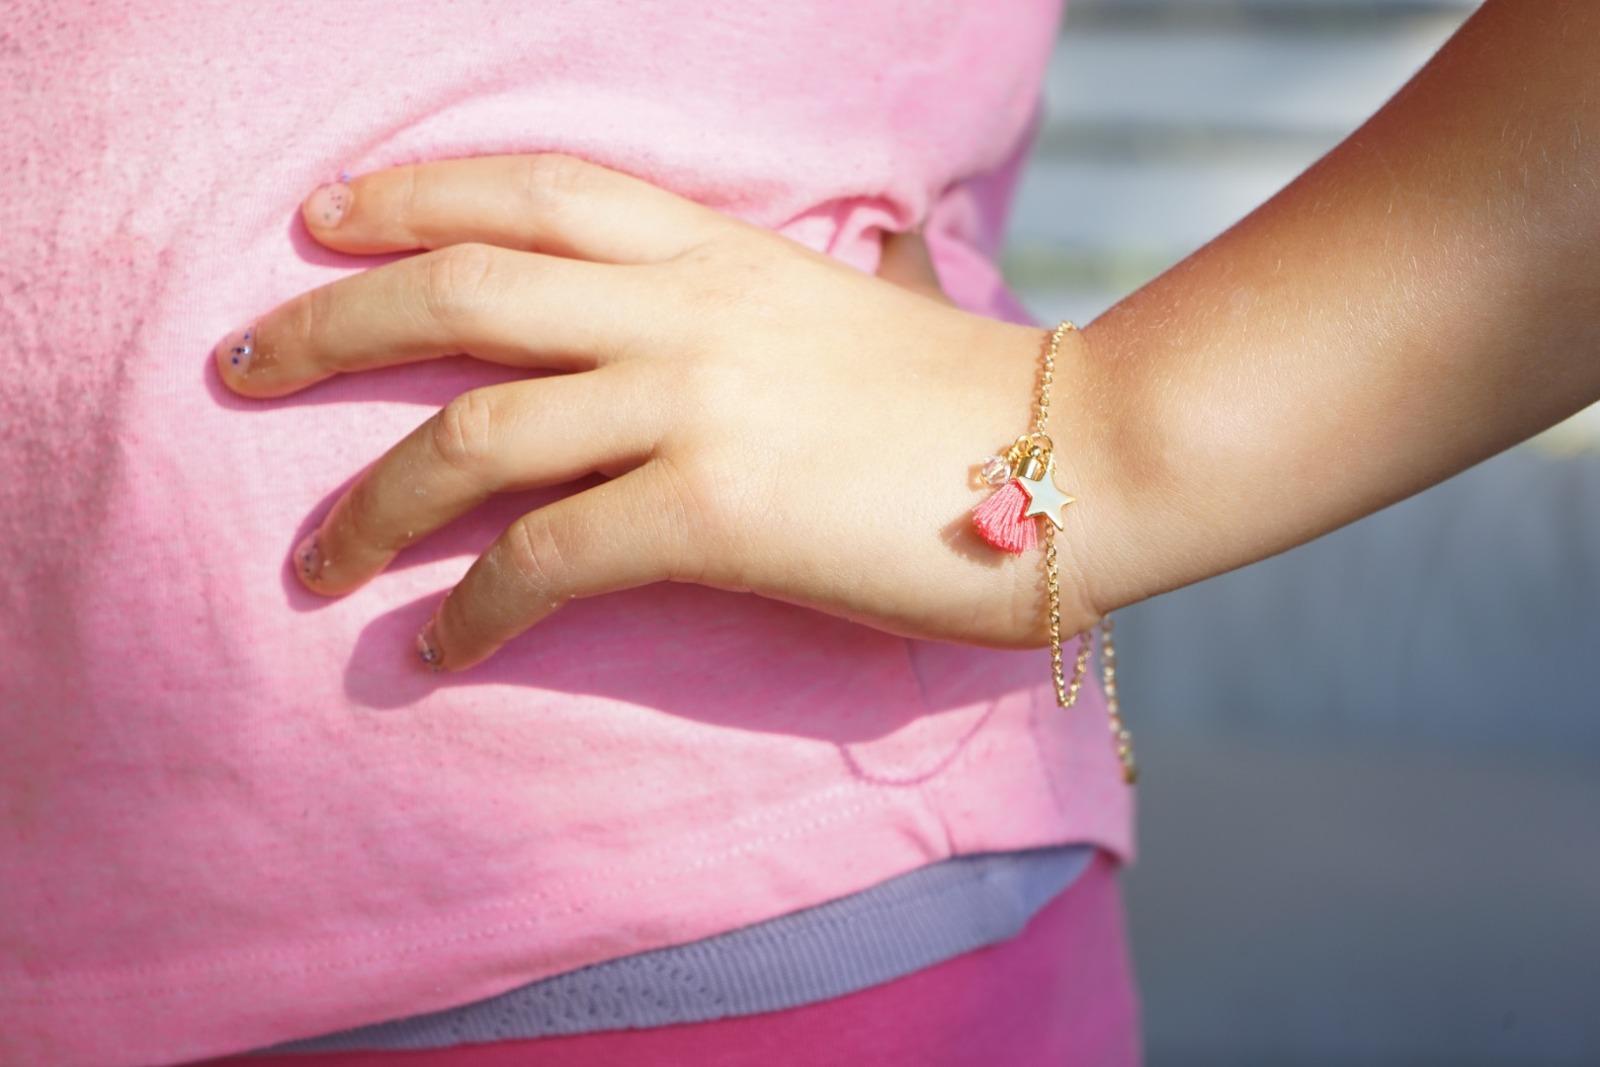 Armband vergoldet mit Glitzeranhänger und Quaste